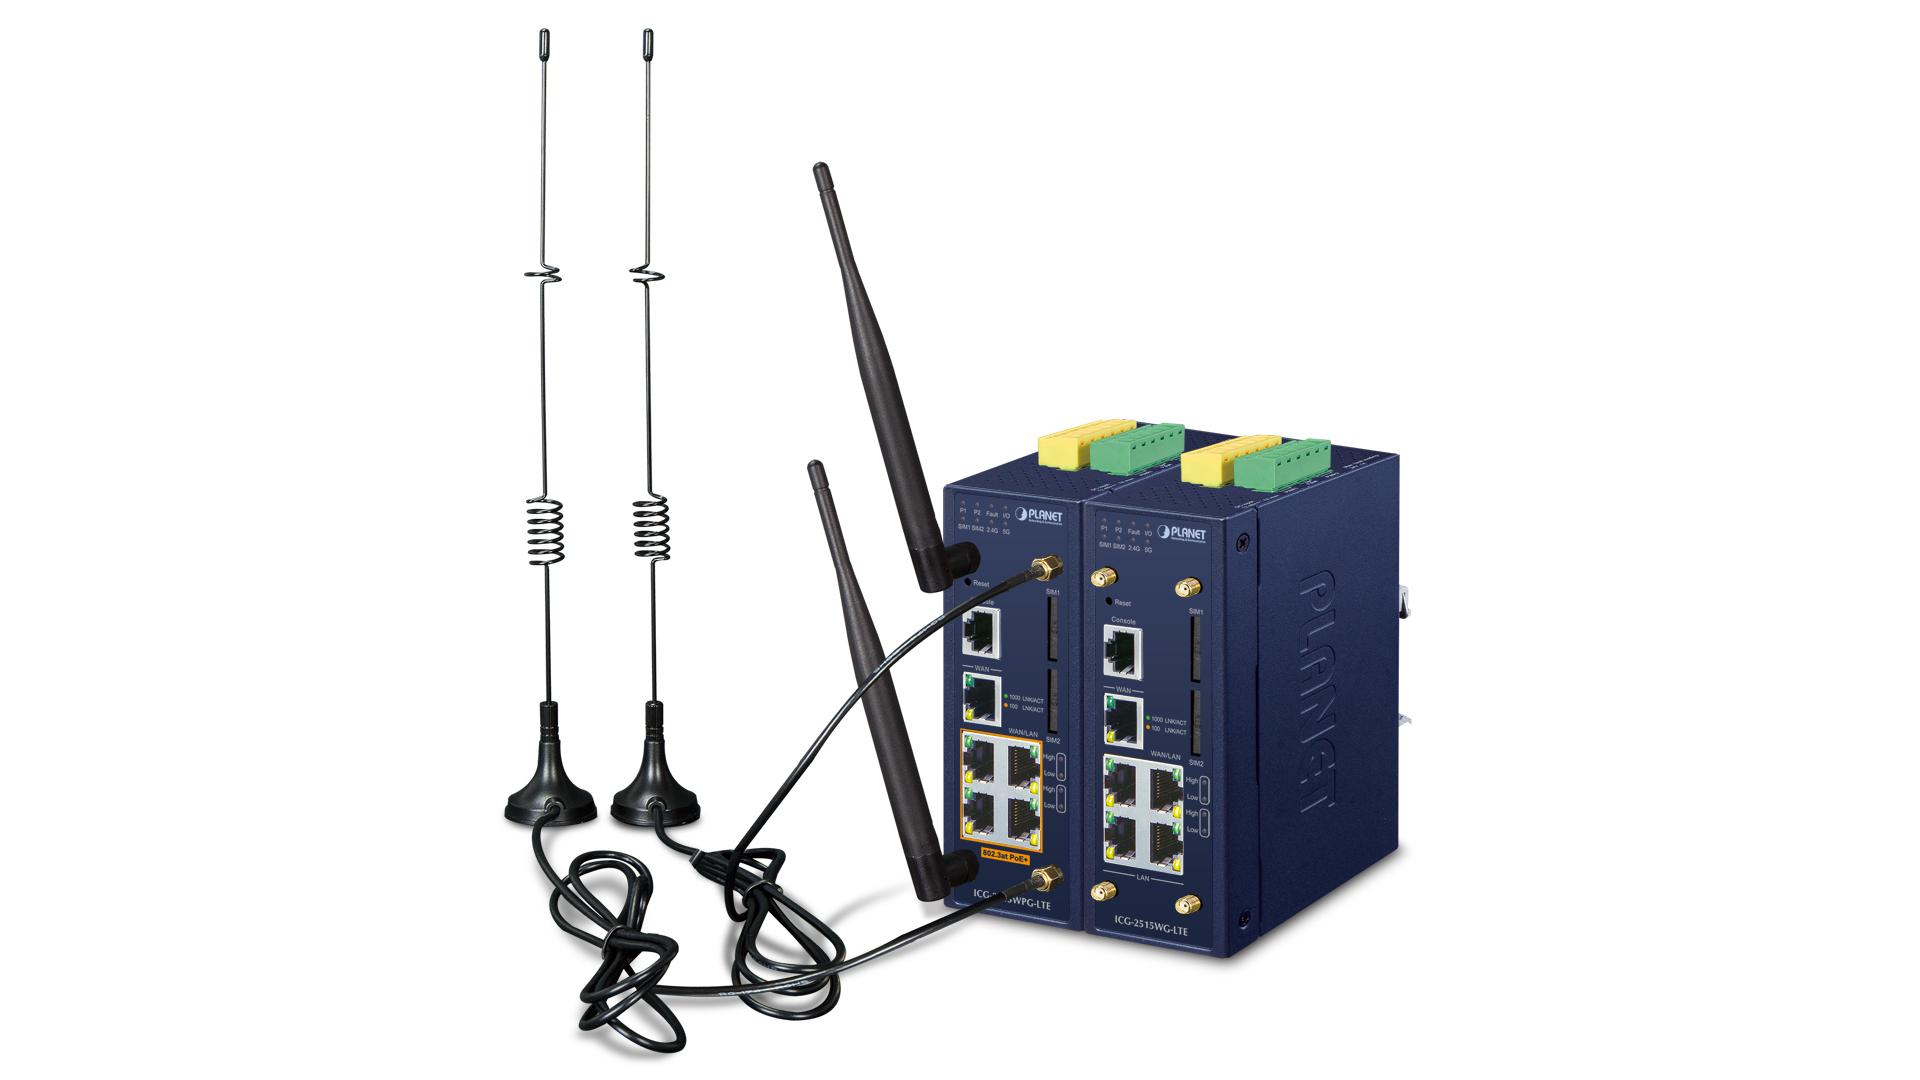 Gateway công nghiệp 4G LTE IoT